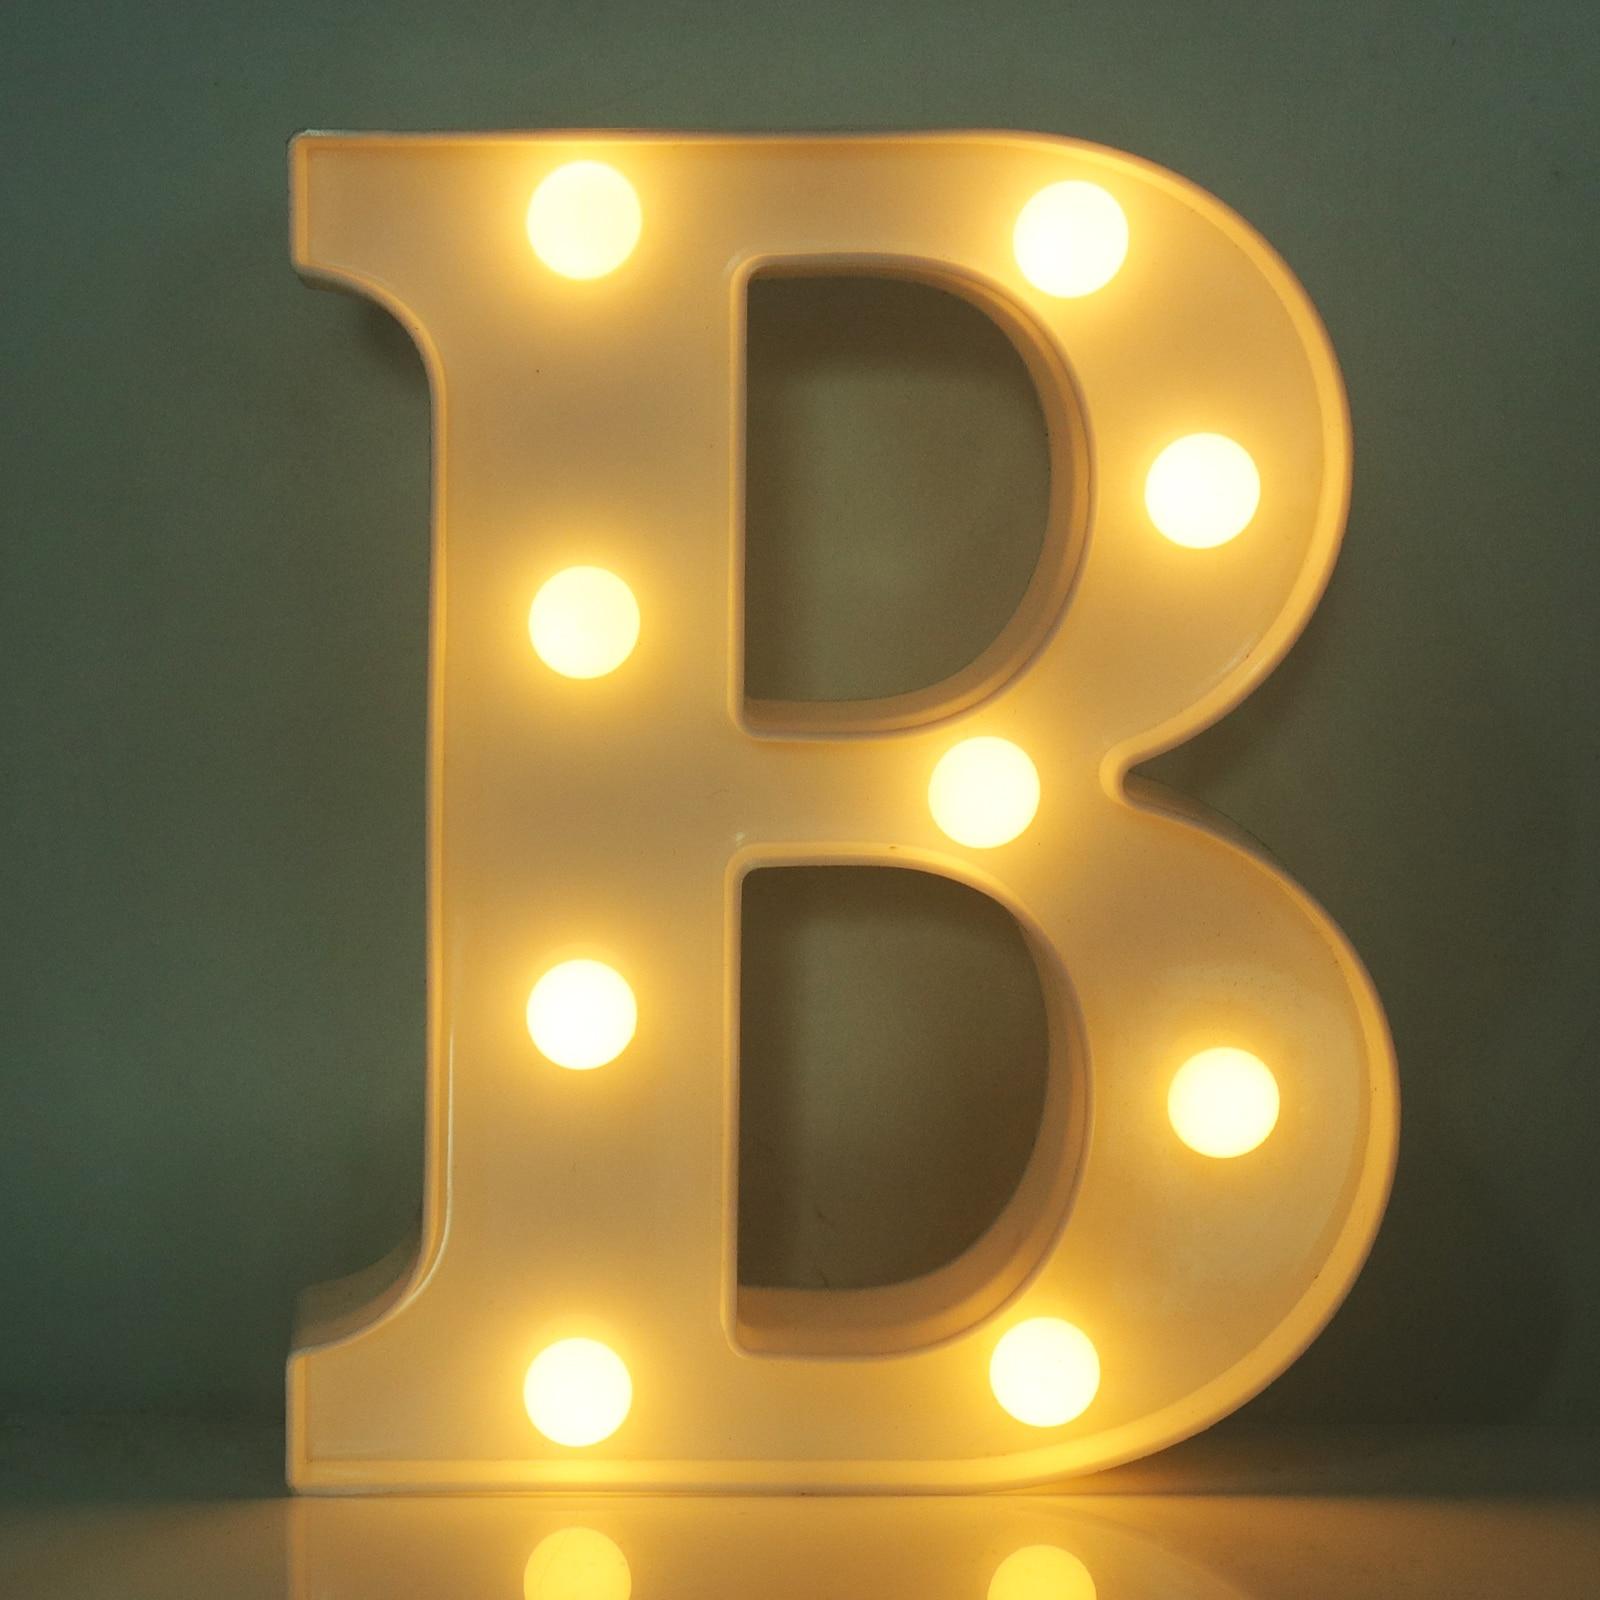 A Z Battery Letter LED Light White Light Up Decoration Symbol Indoor ...